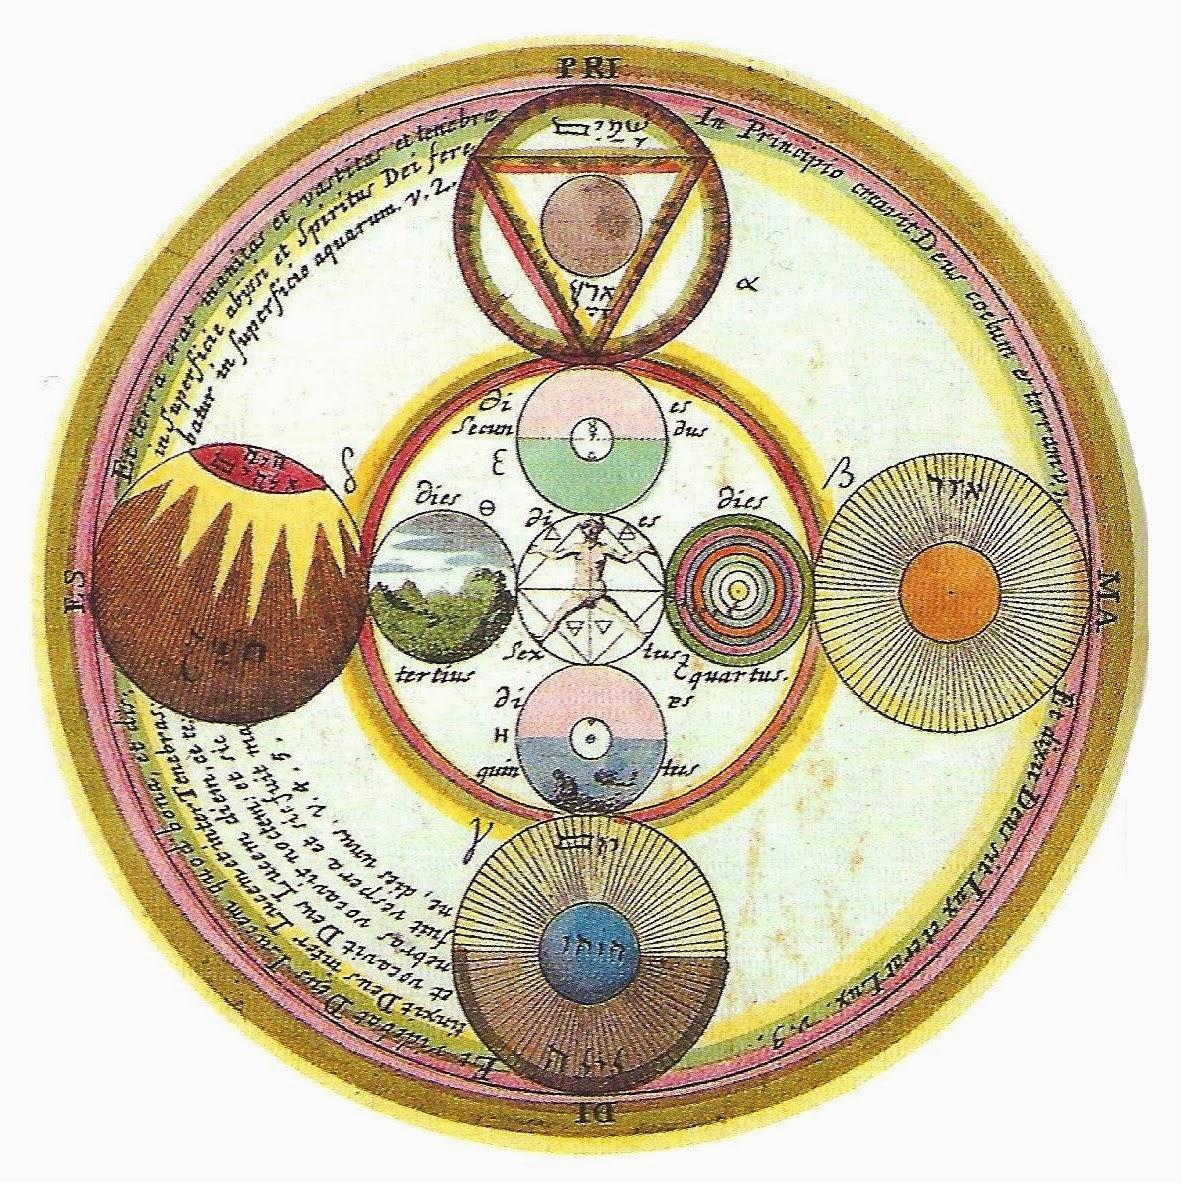 Gregorius Anglus Sallwigt  -  Opus mago-cabalisticum - L'Antropos avec les quatre éléments - Francfort - 1719